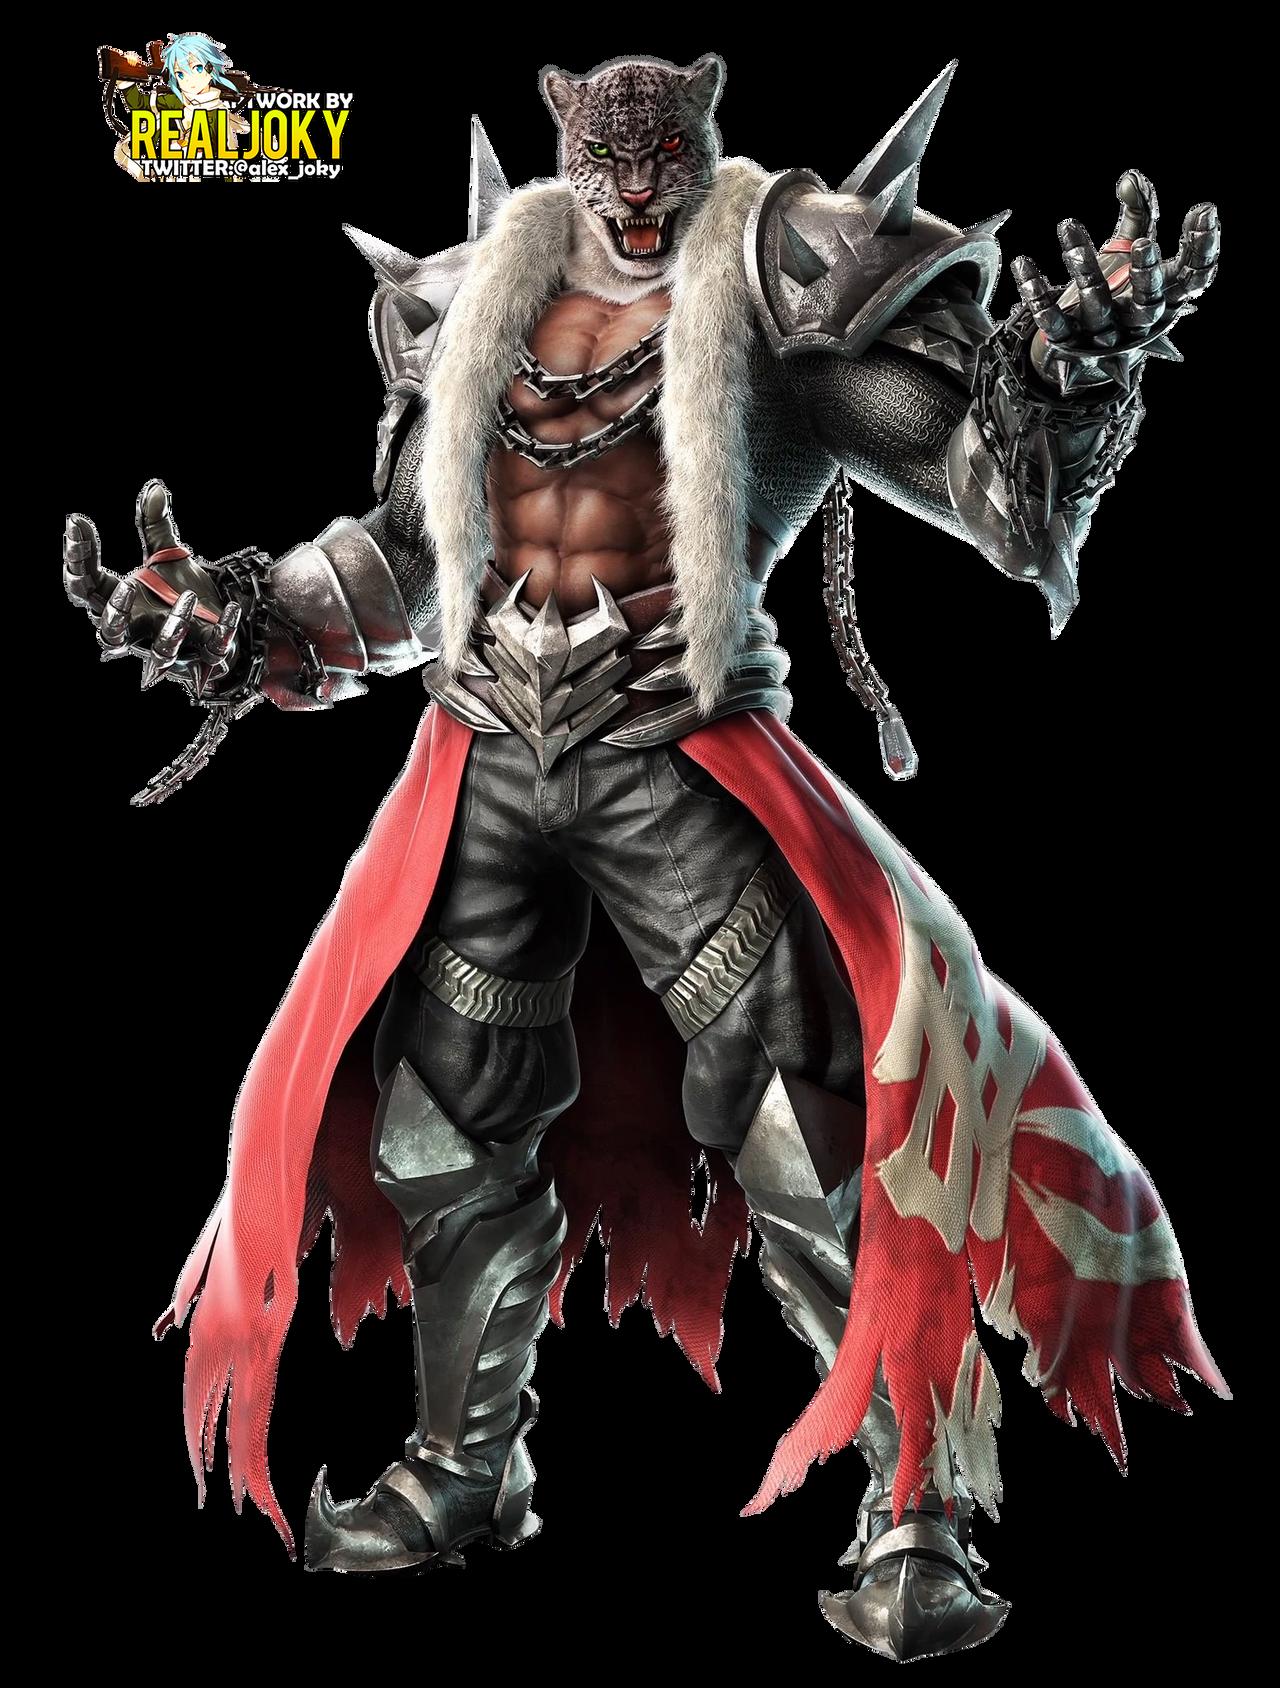 Tekken 7 Armor King Render By Realjoky On Deviantart